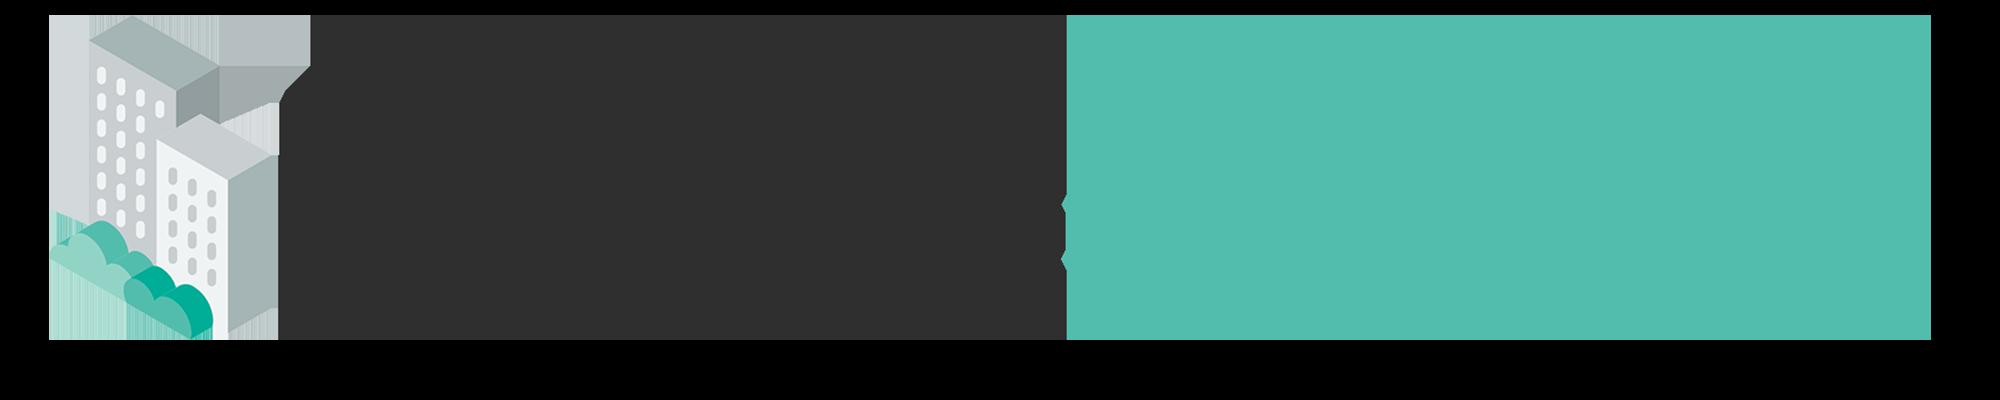 architektur visualisirung estaterender logo